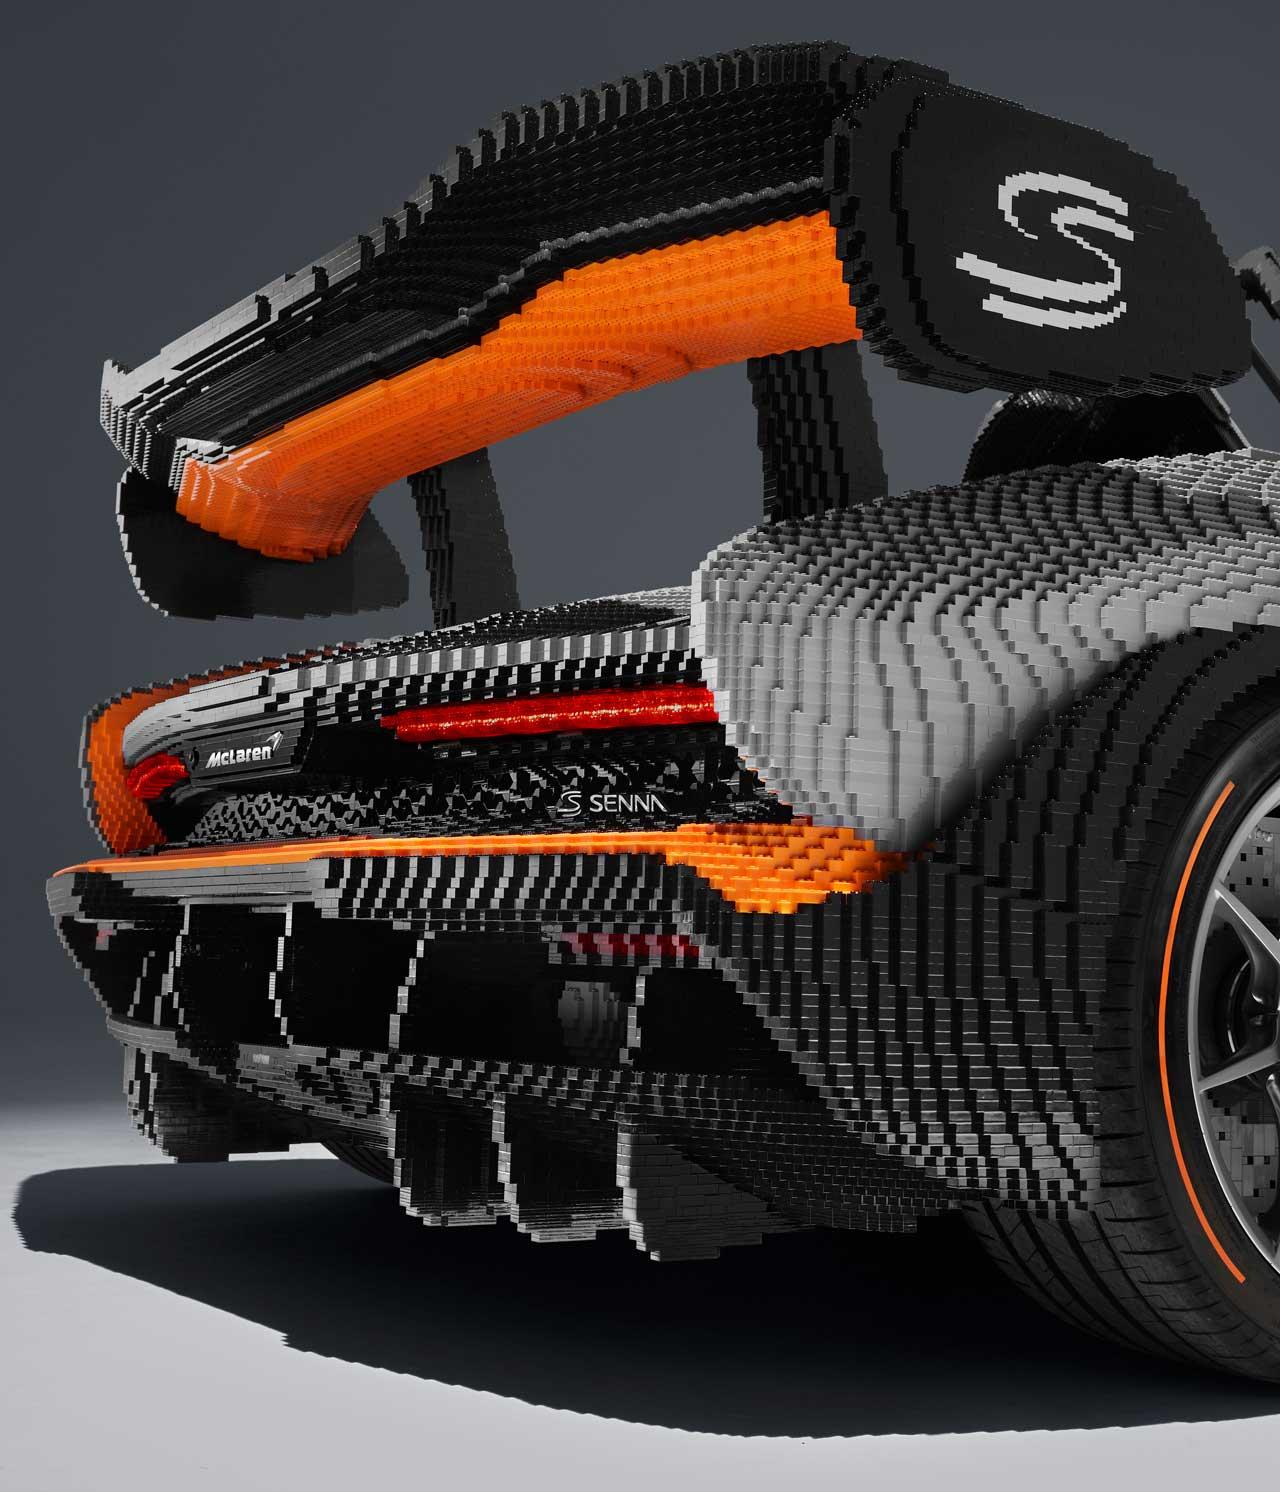 LEGO Life-Size McLaren Senna